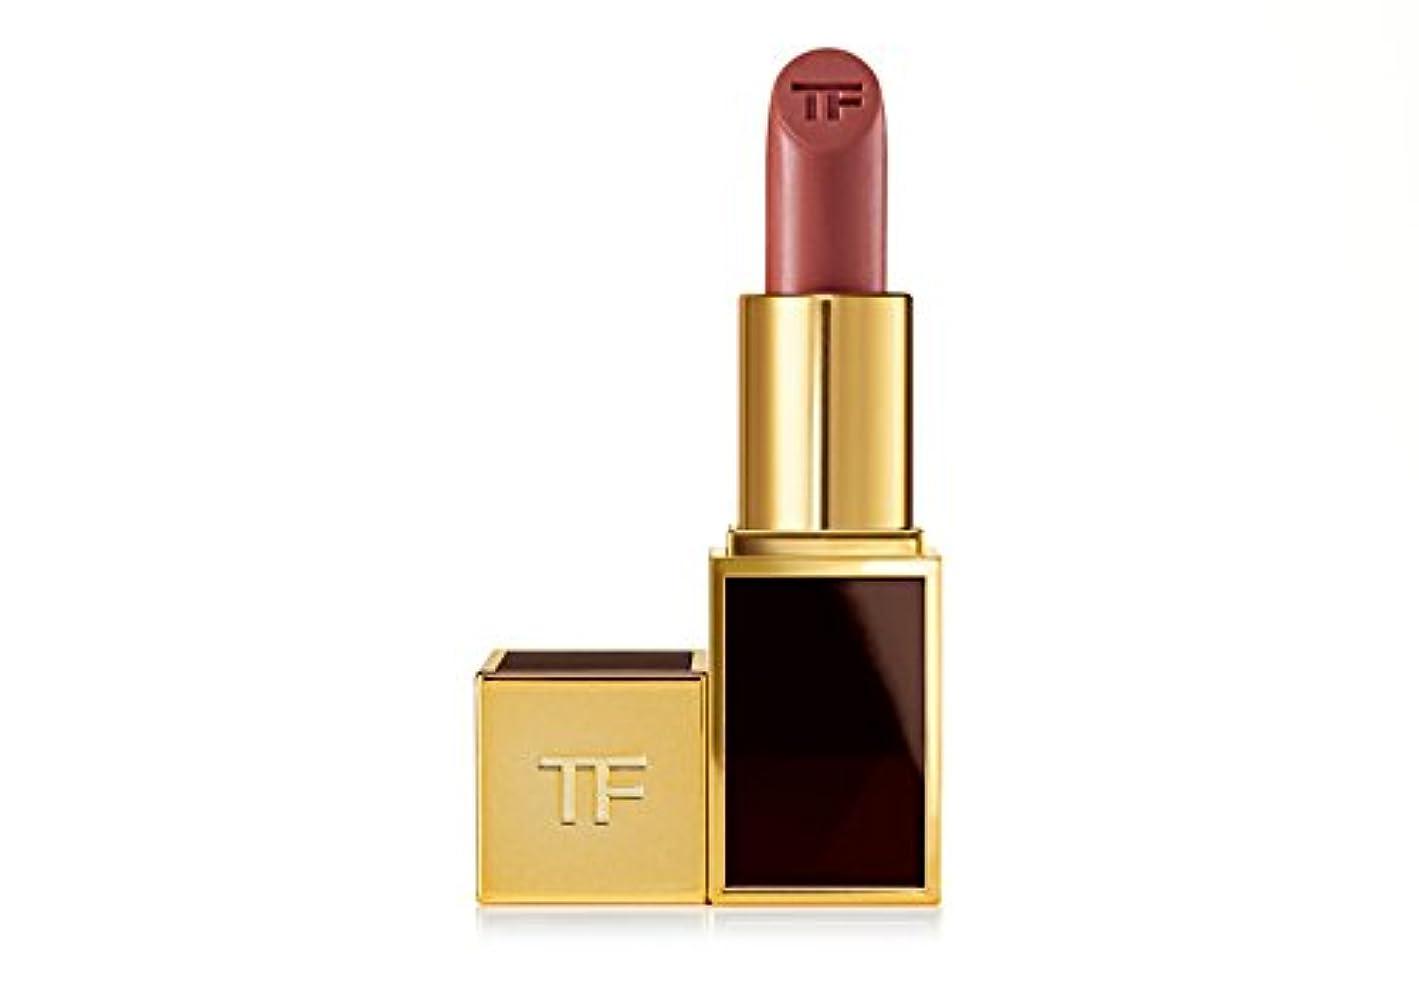 どれ納得させるクルートムフォード リップス アンド ボーイズ 11 中立 リップカラー 口紅 Tom Ford Lipstick 11 NEUTRALS Lip Color Lips and Boys (#20 Richard リチャード)...